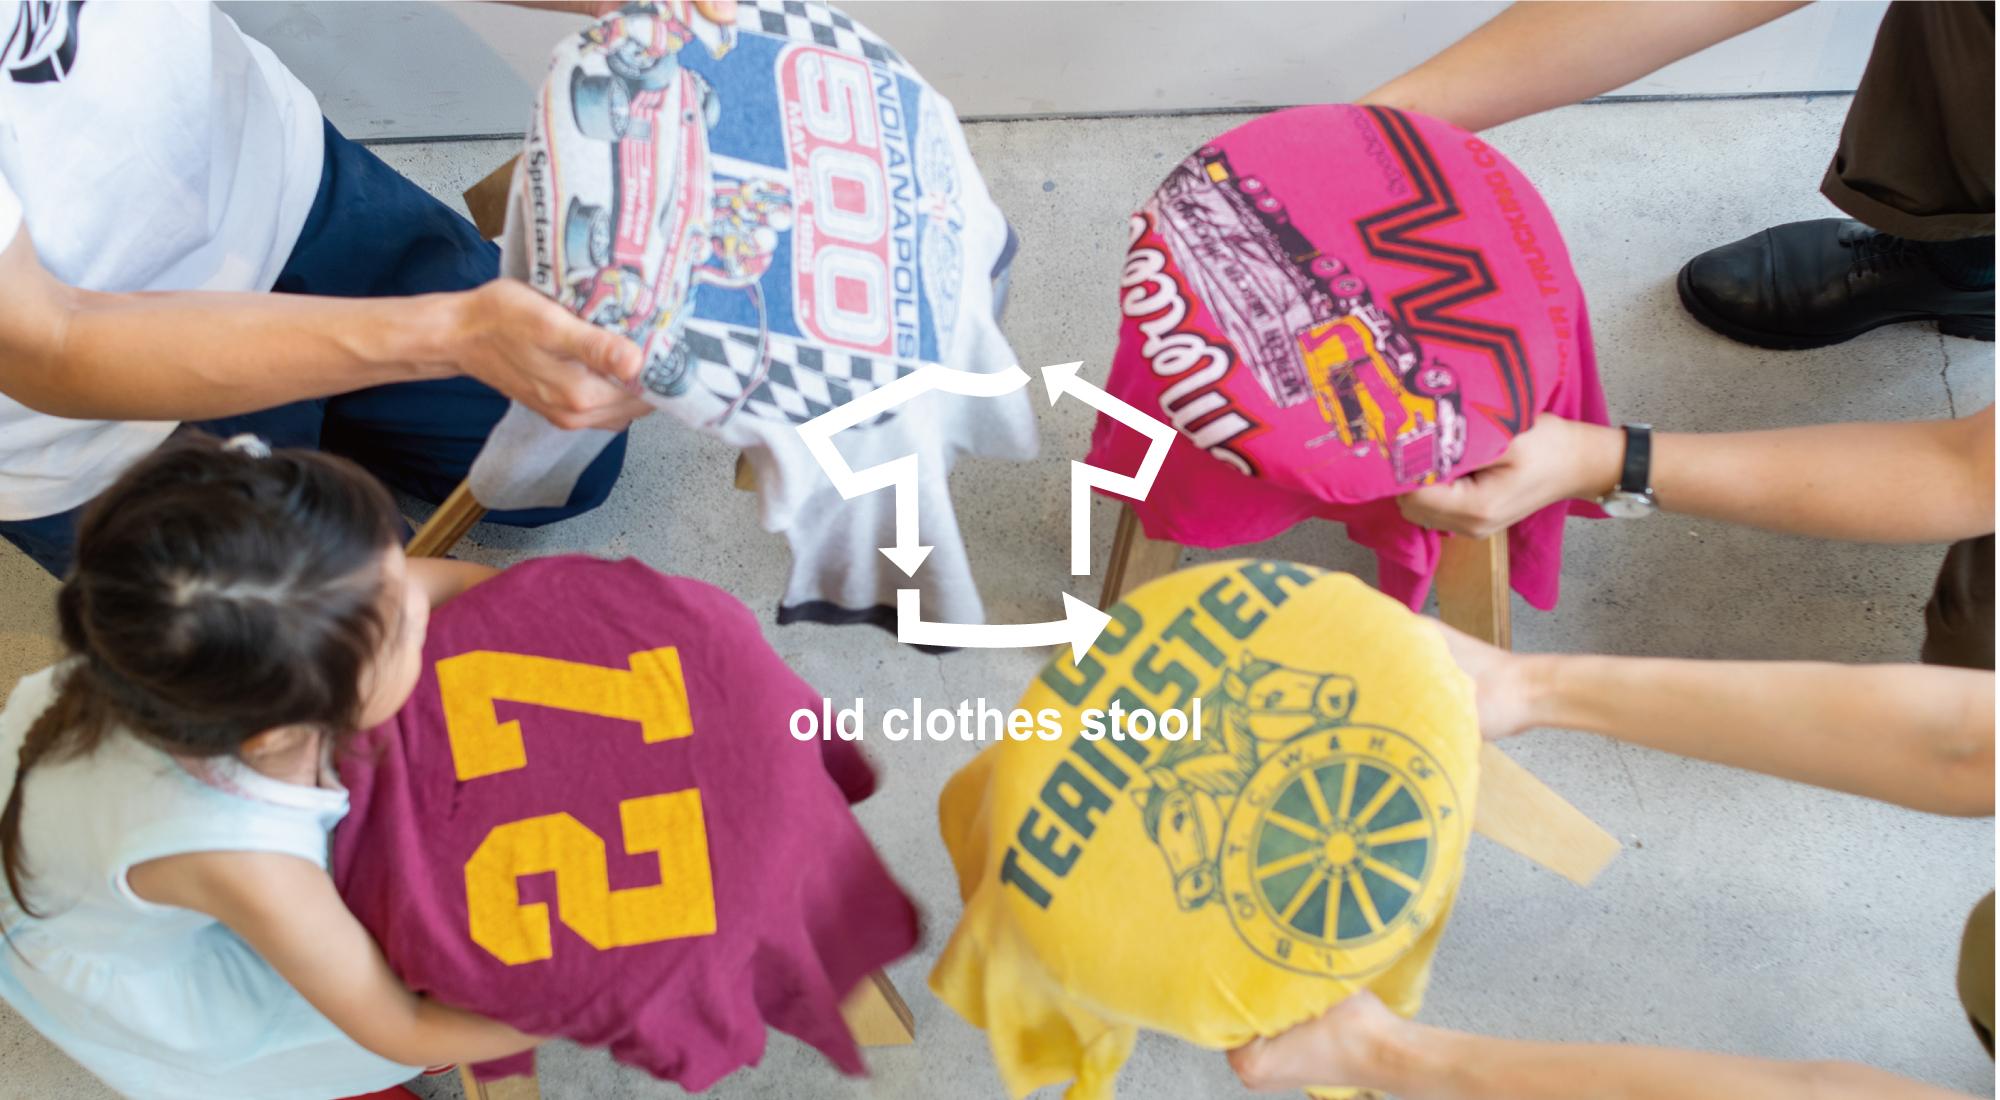 old clothes stool 夏季限定 Tシャツ持ち込みオーダー